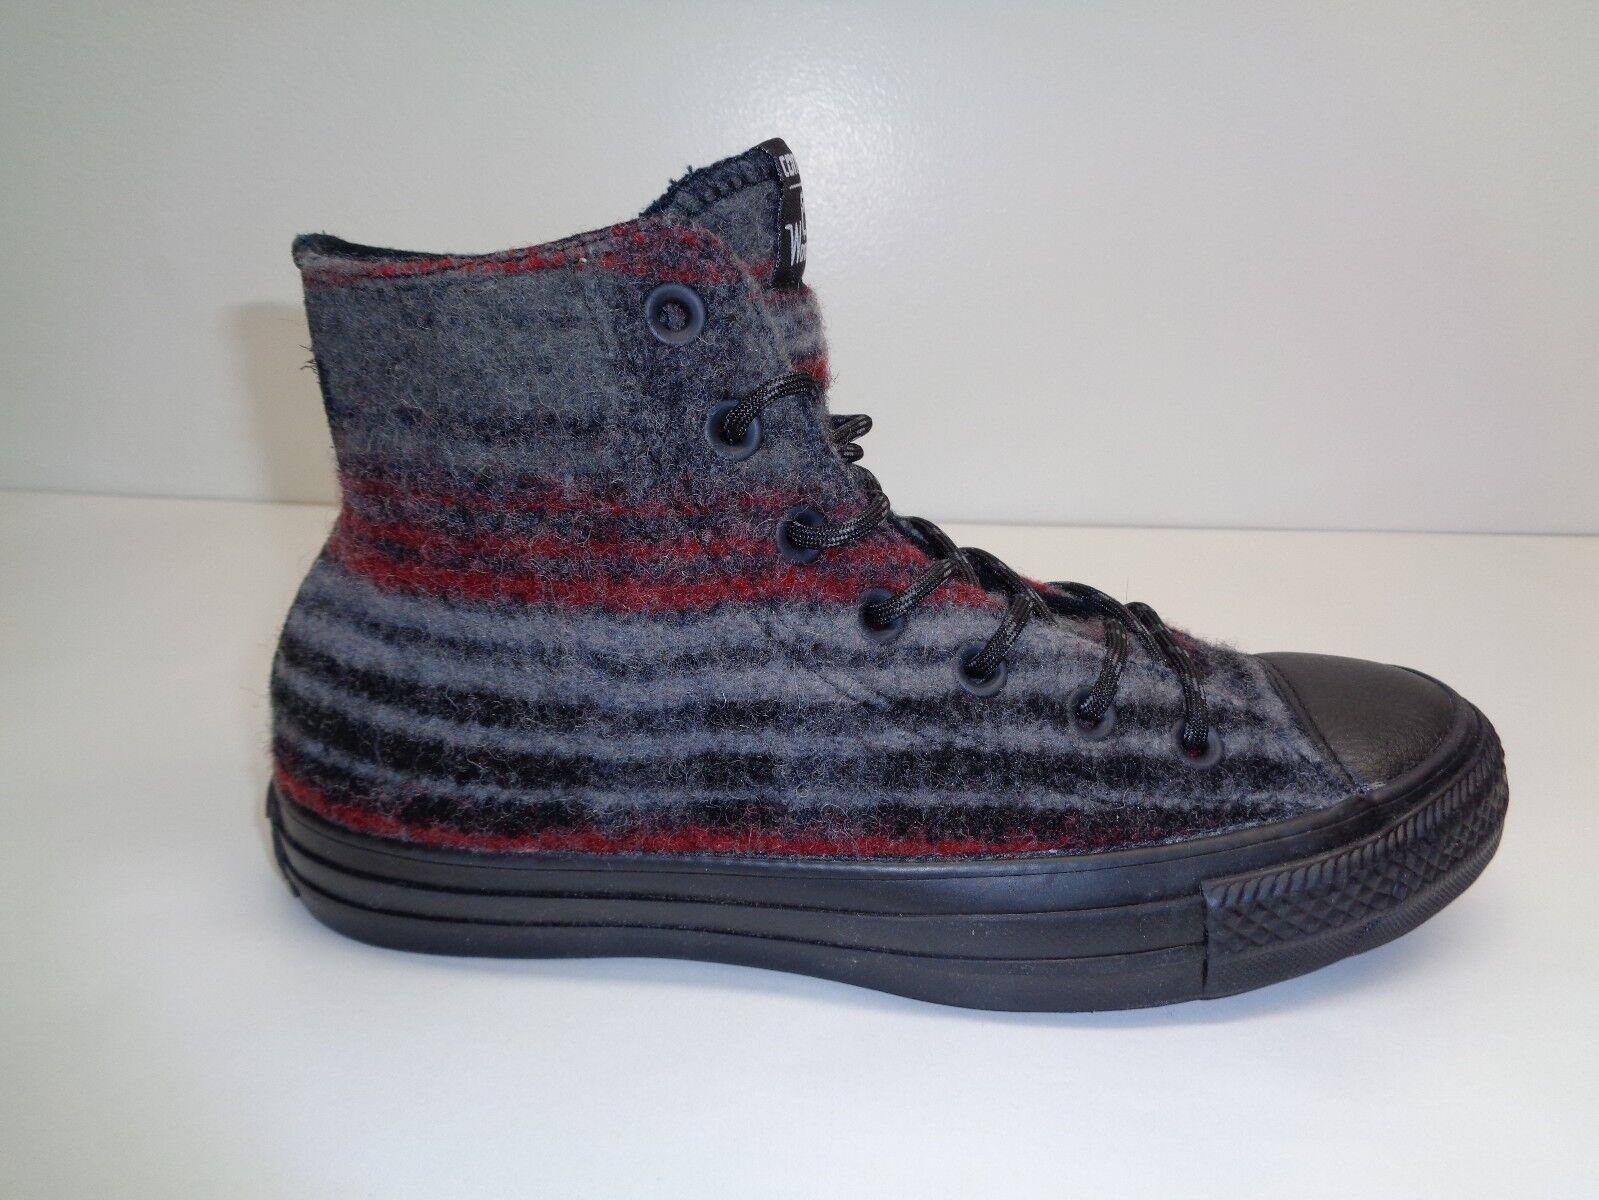 Converse Sze 7.5 STREET HIKER HI WOOLRICH Dolphin Wool Sneakers NEU Unisex Schuhes